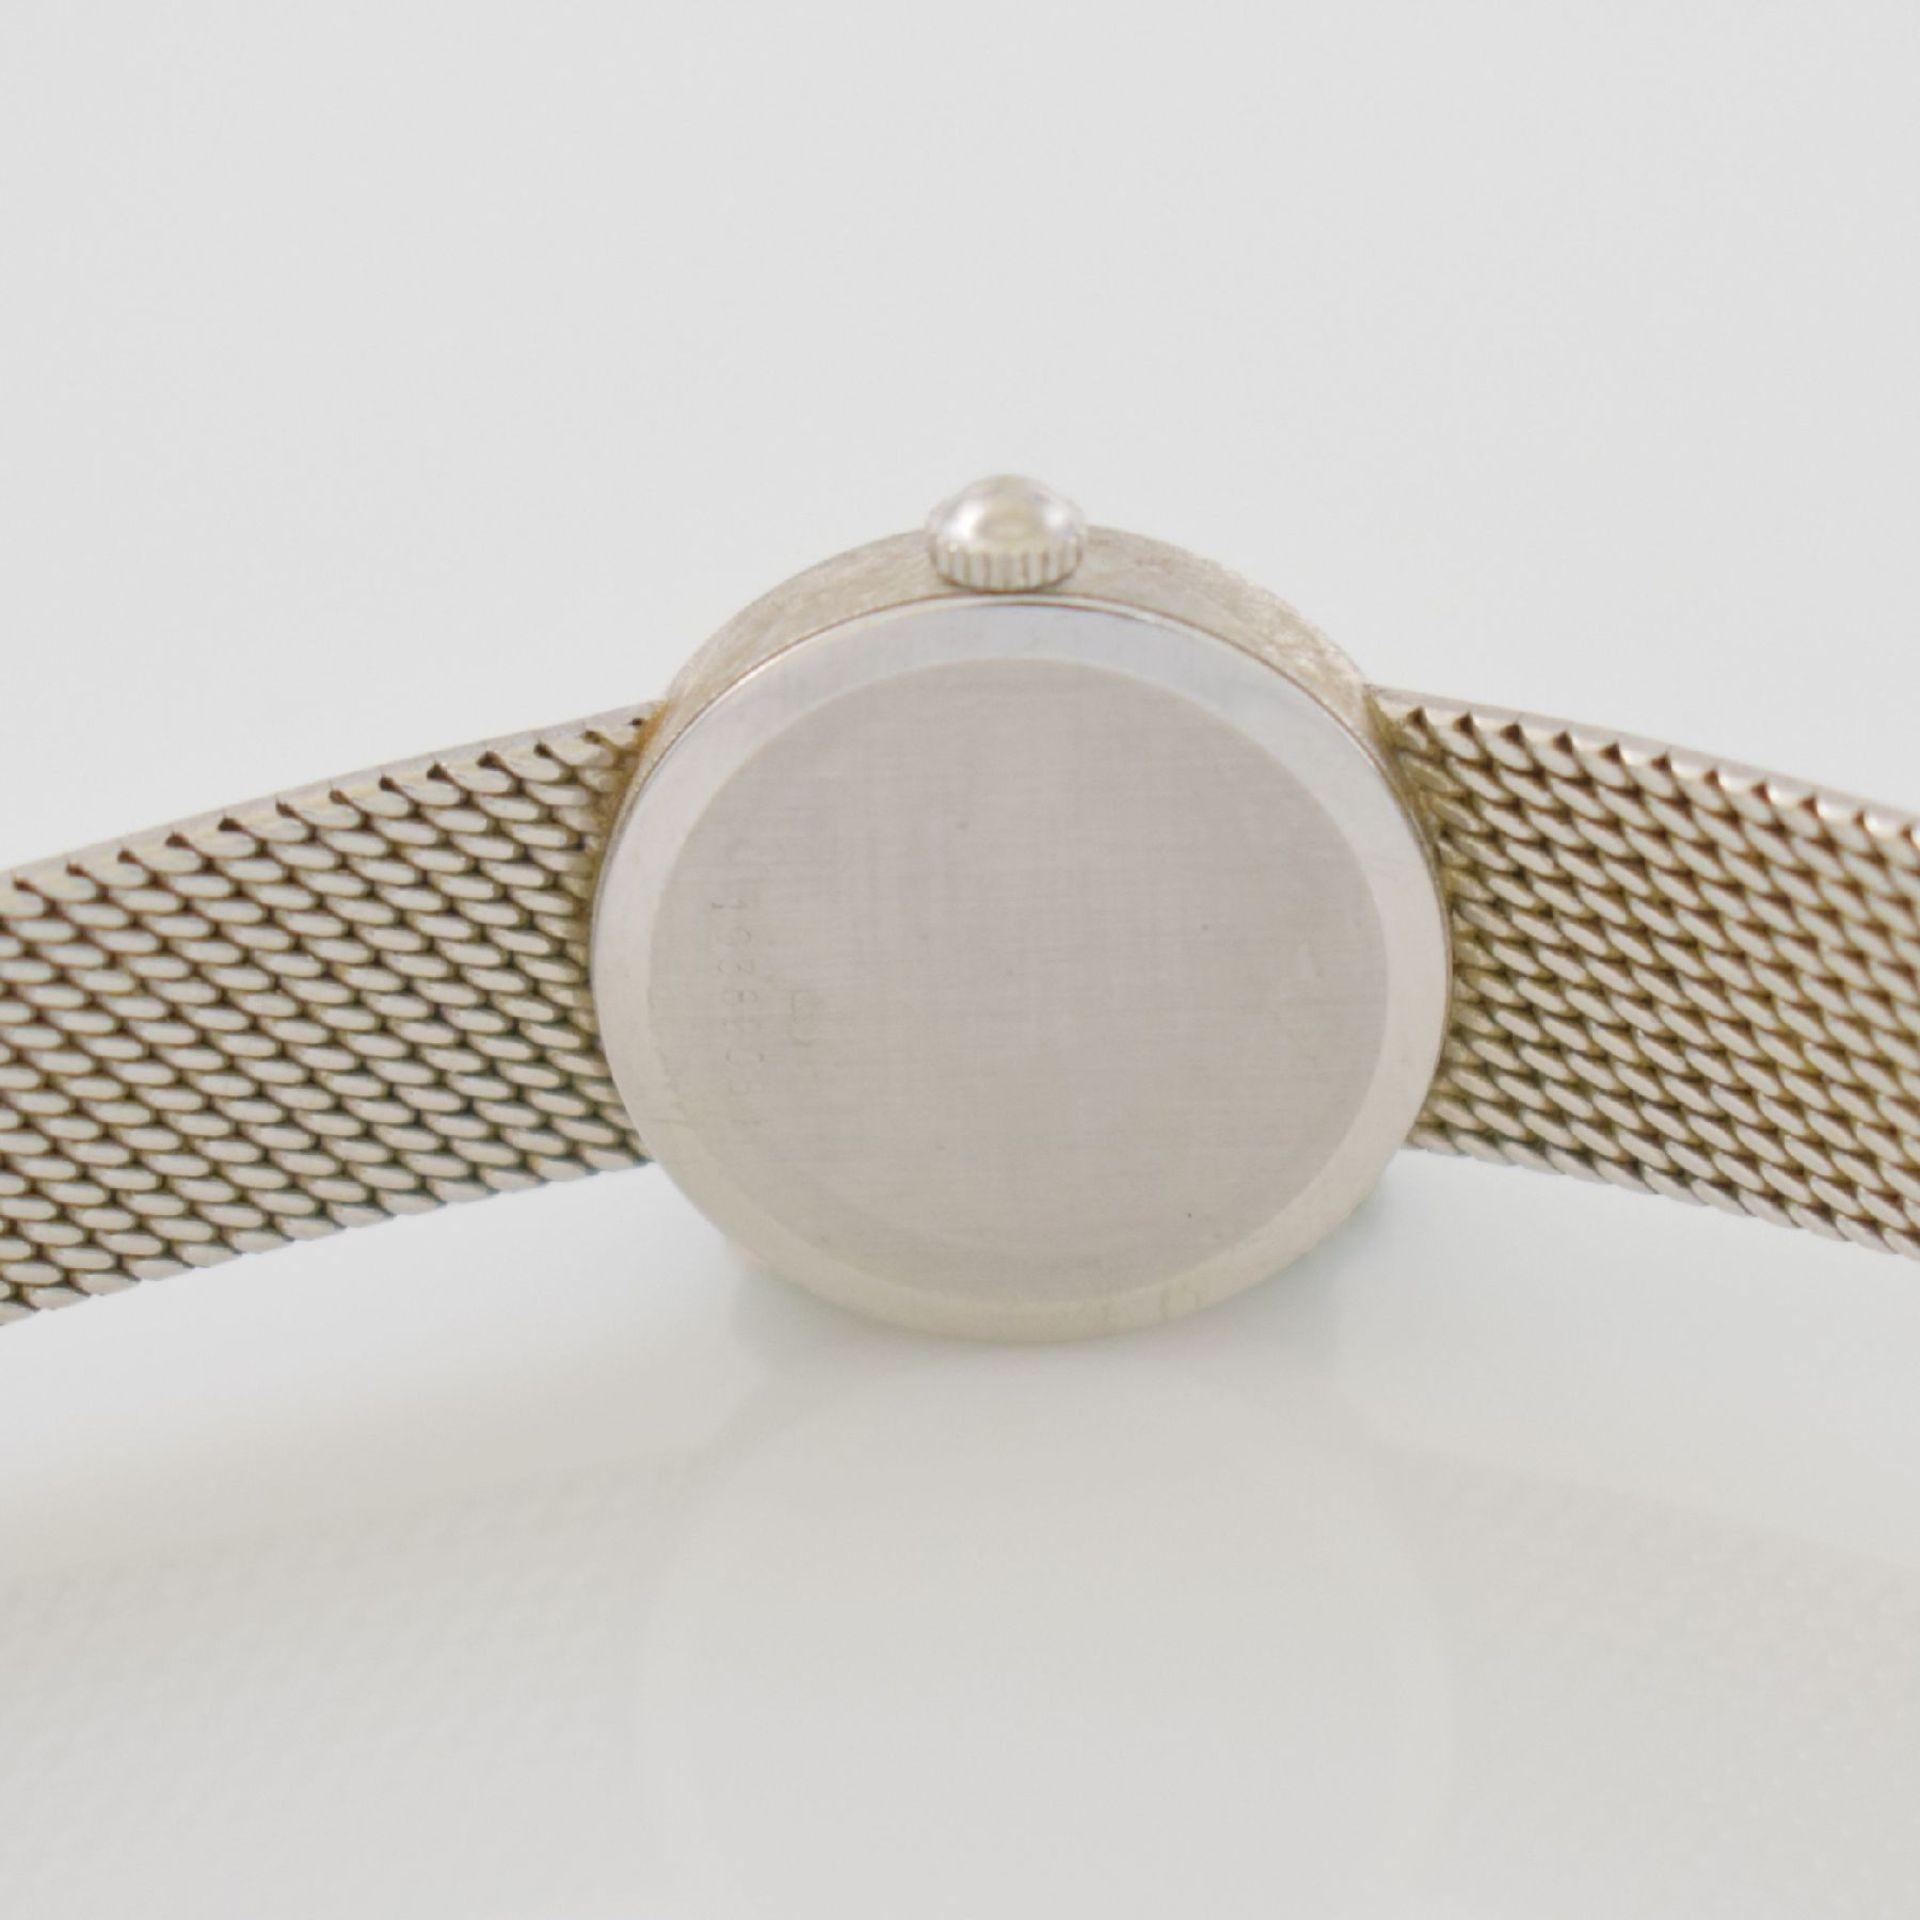 LONGINES Damenarmbanduhr in WG 750/000 mit WG 750/000 Band, Schweiz um 1980, Boden gedr., silb. - Bild 6 aus 7